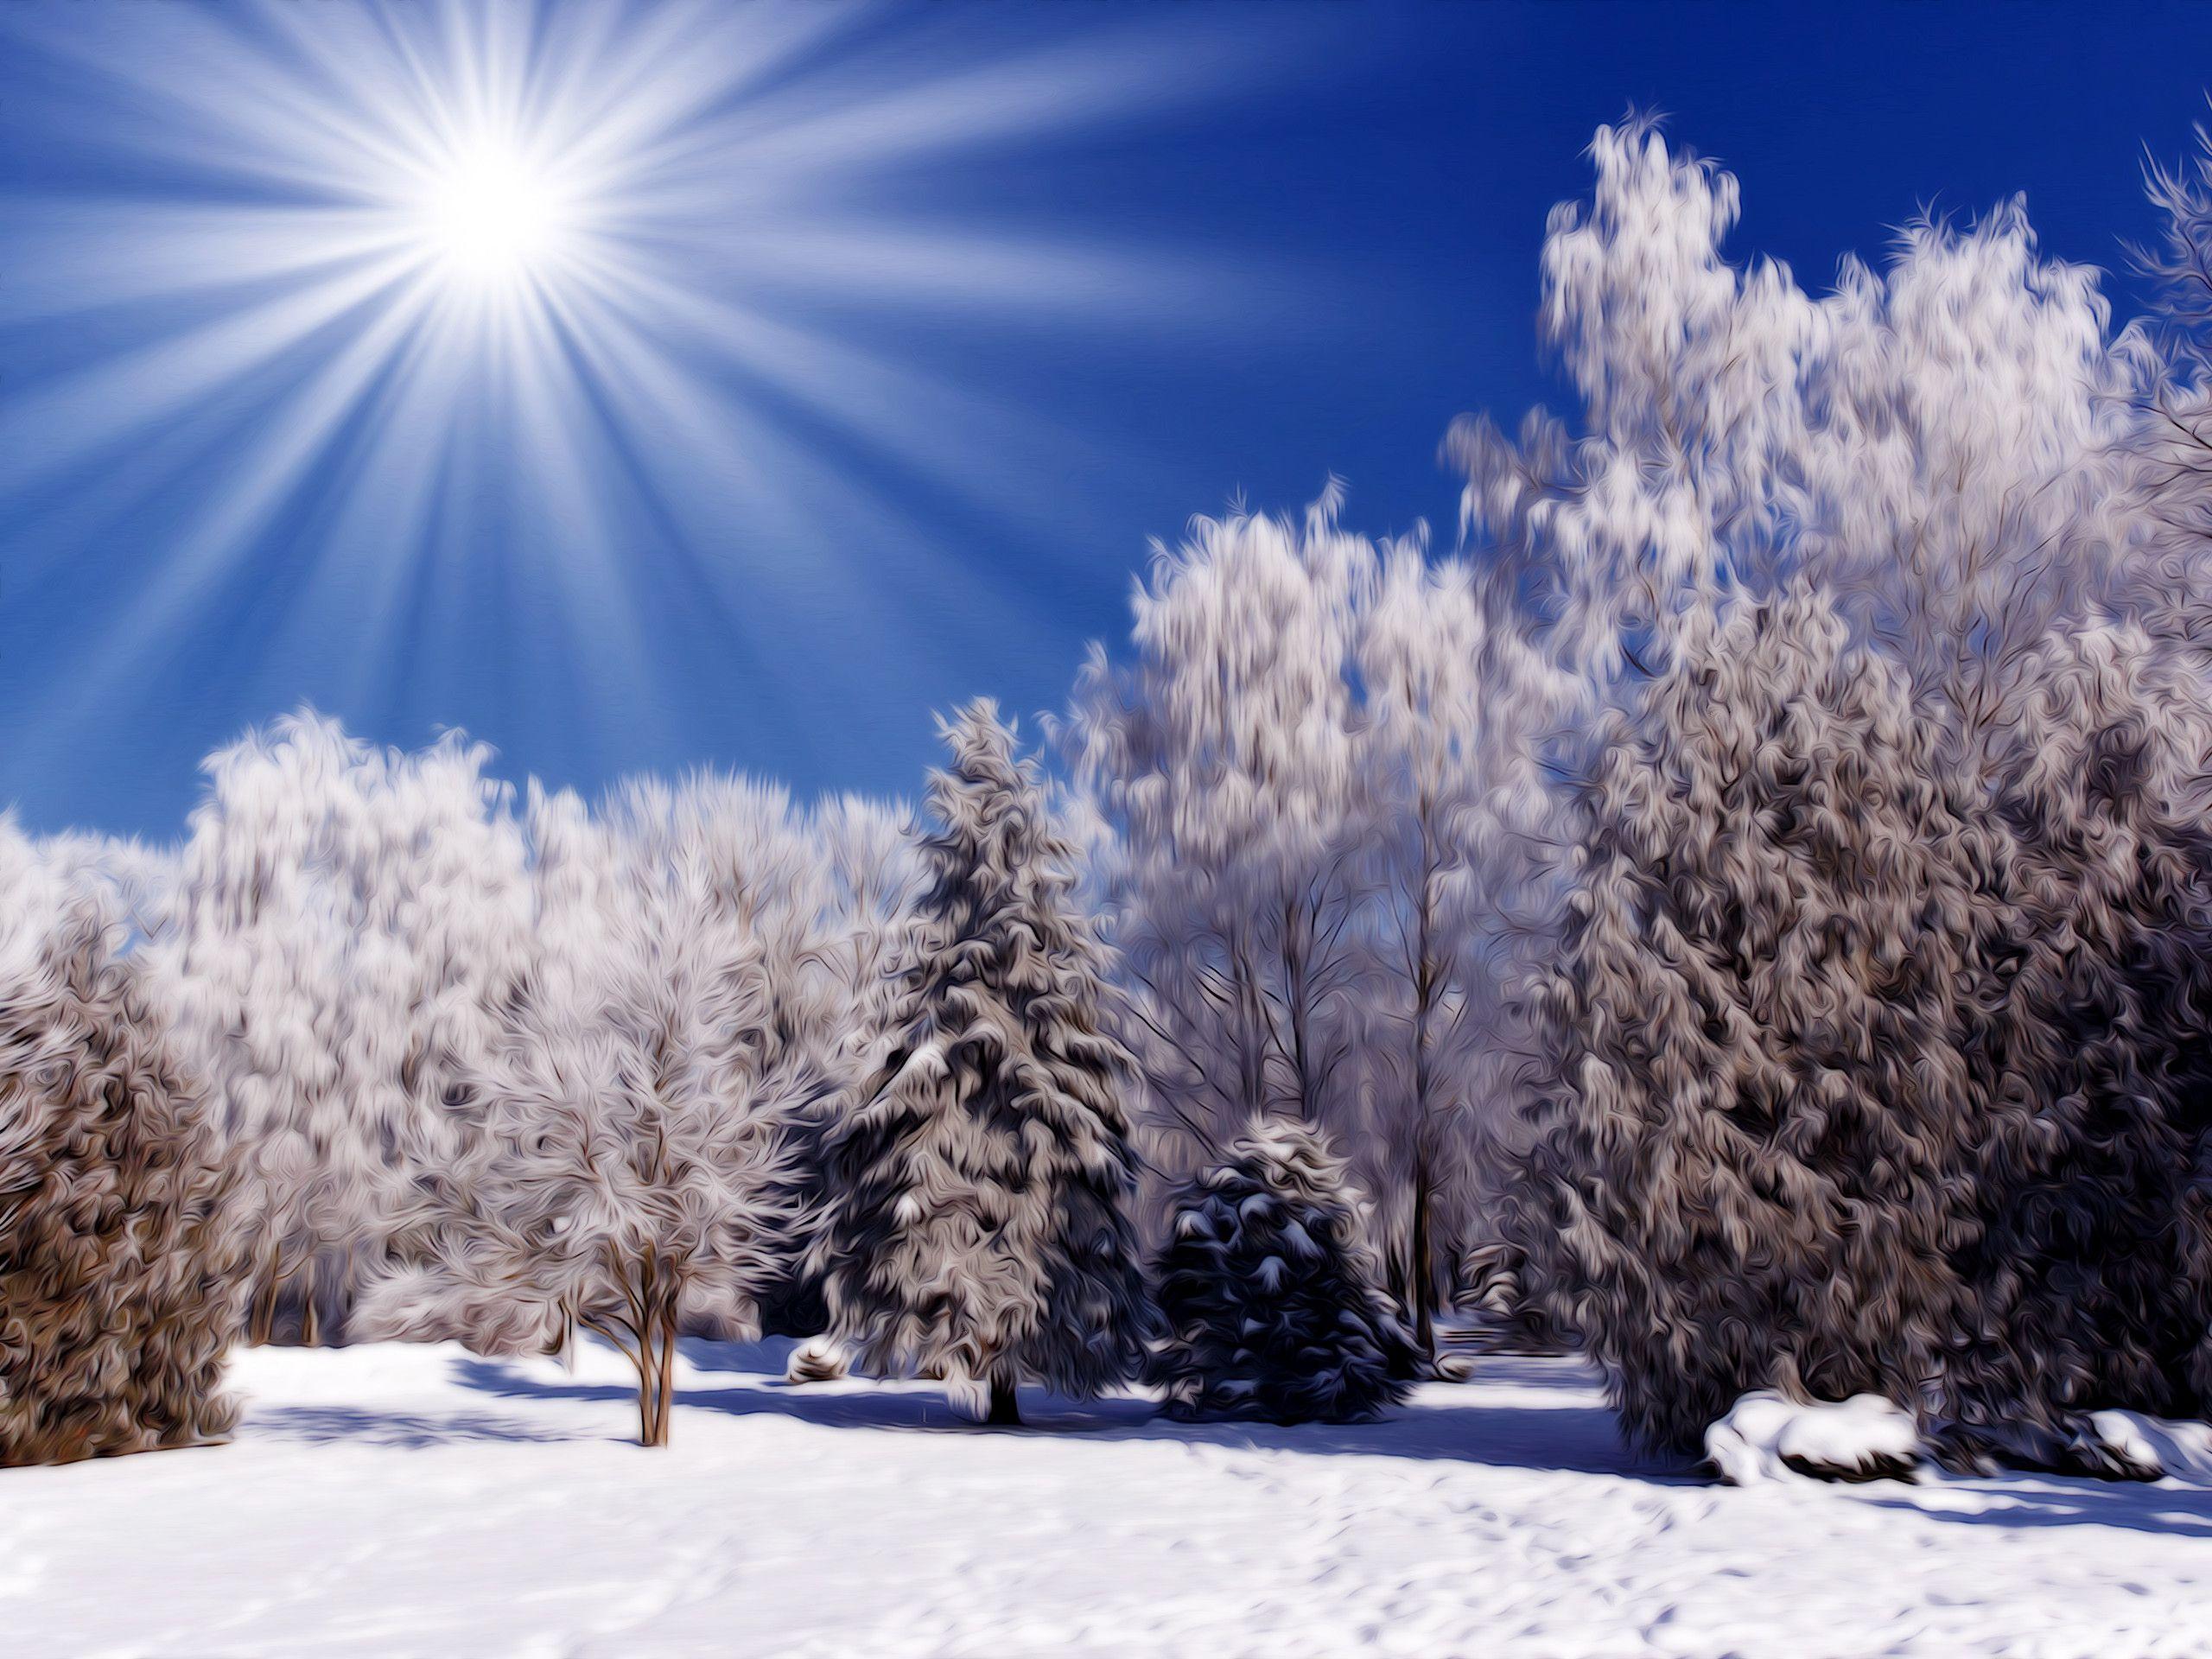 Free Desktop Wallpapers Winter Scenes - Wallpaper Cave